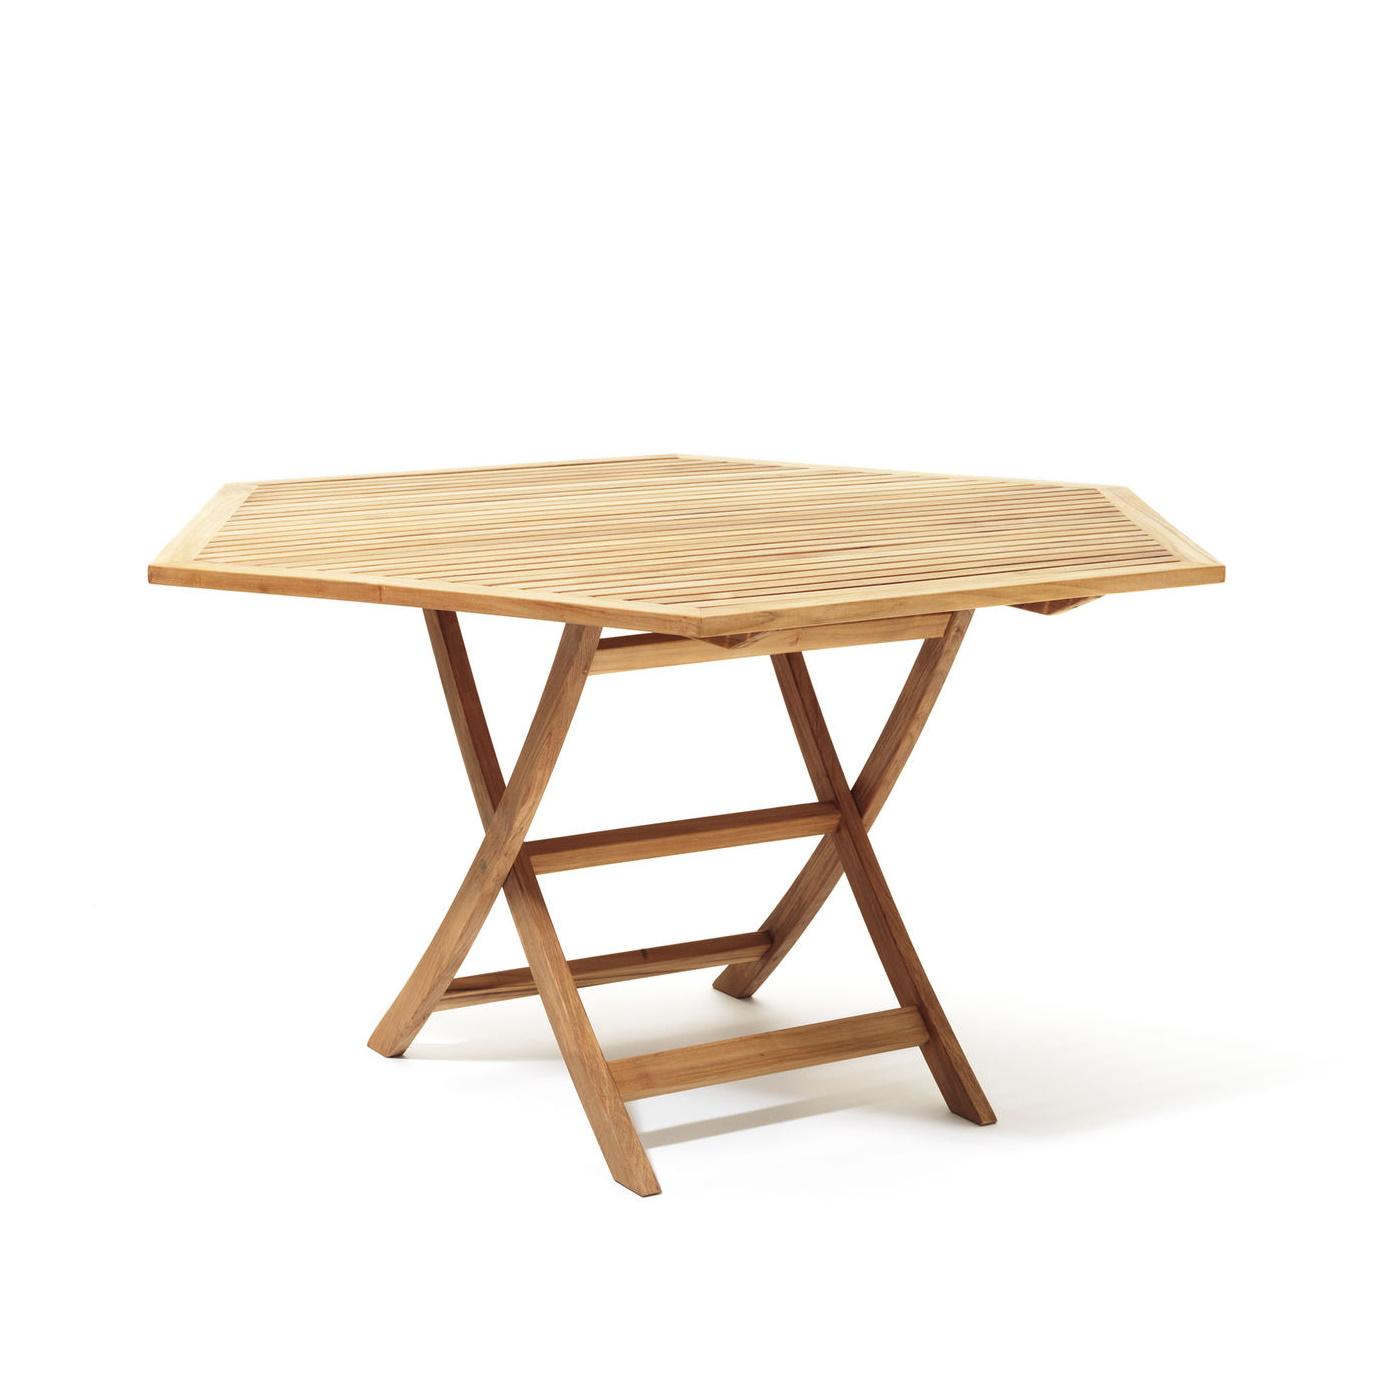 Viken bord 140 cm, Skargaarden